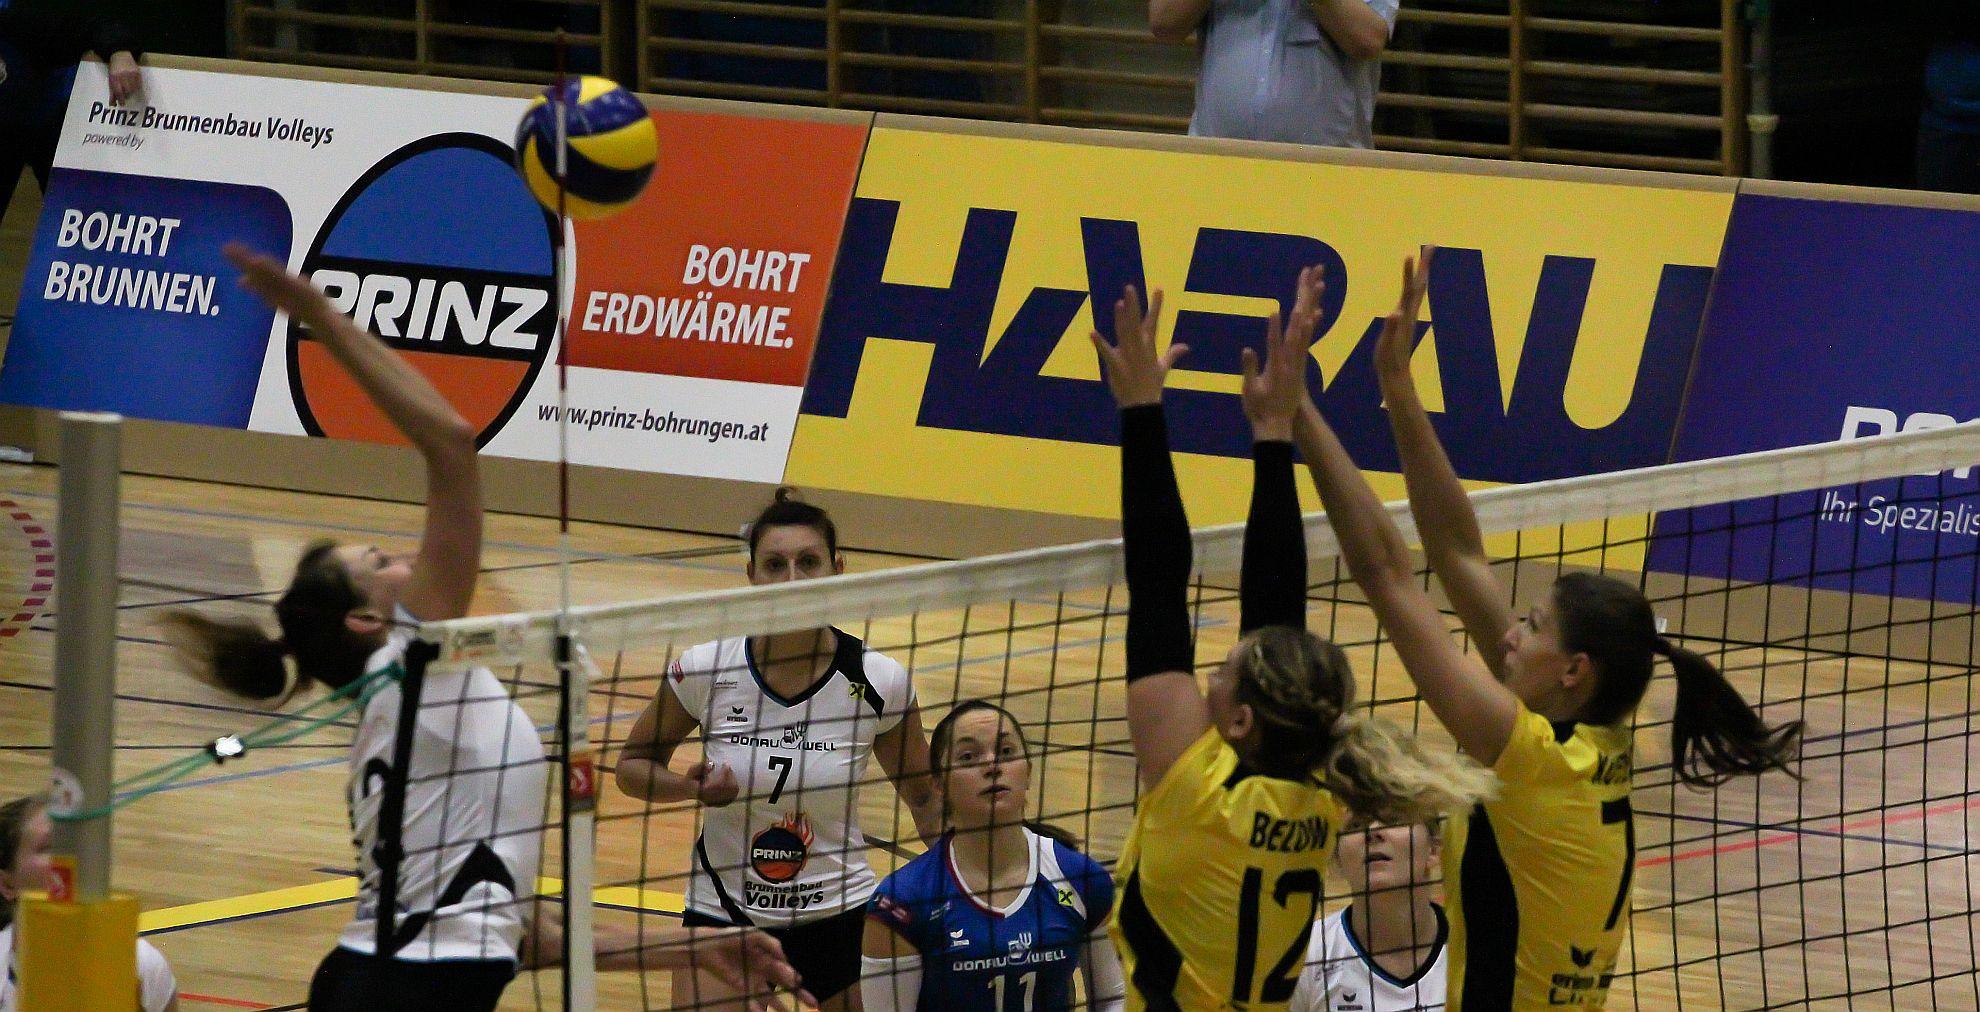 Austrian Volley League 17/18 - SG Prinz Brunnenbau Volleys gg. ASKÖ Linz/Steg © Peter Maurer